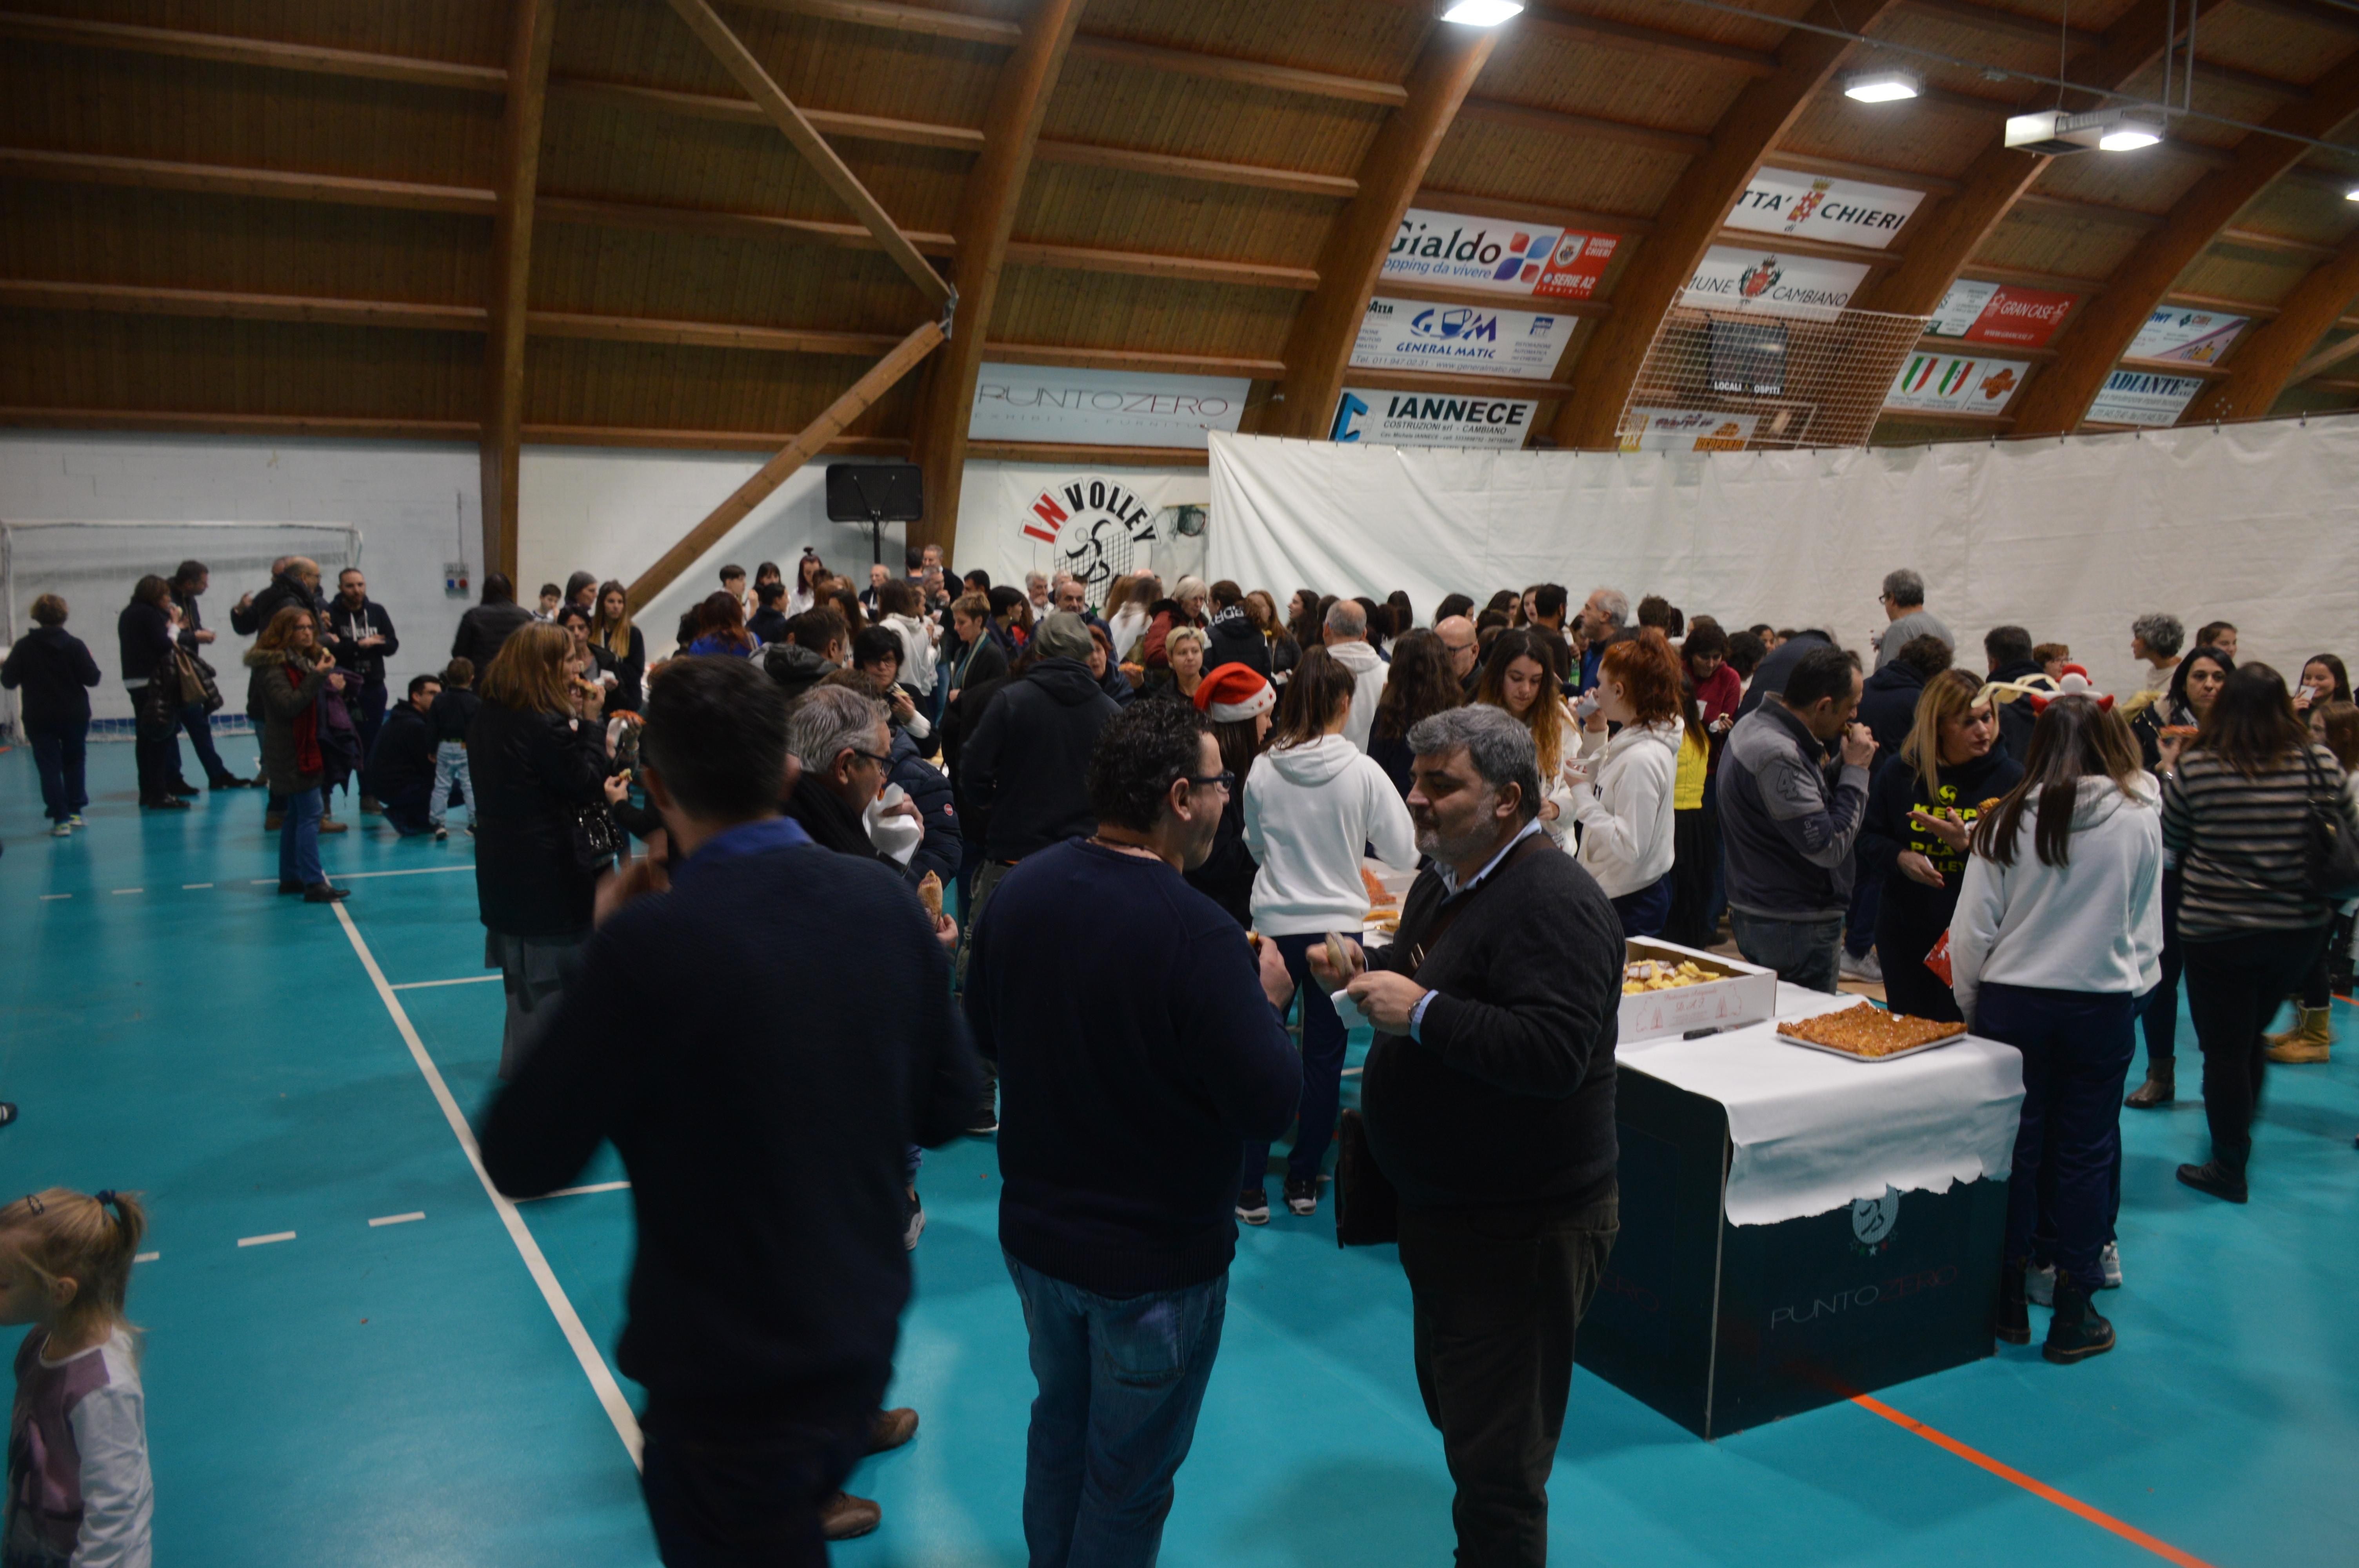 22-12-18 festa involley 002